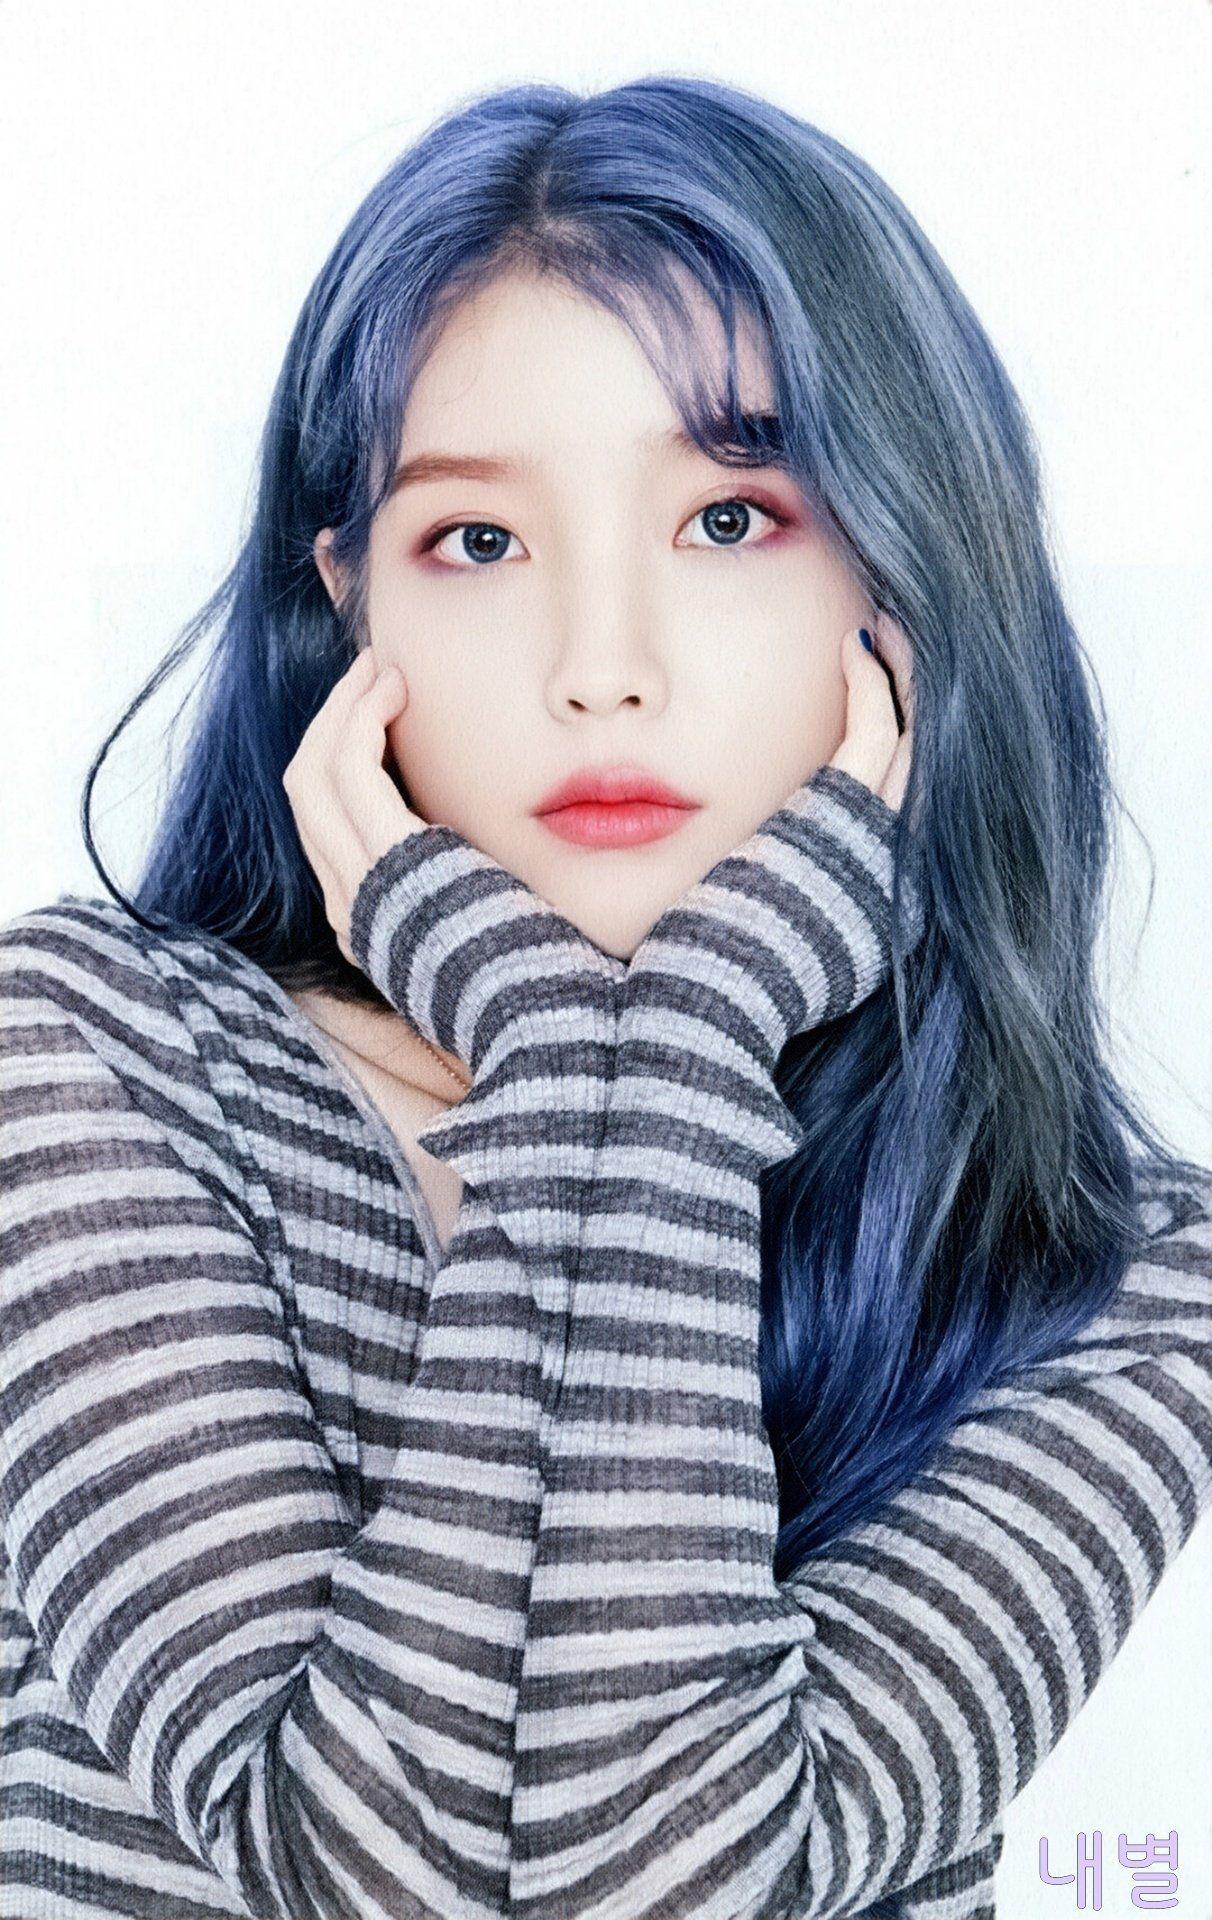 Idols Generation Carmel Hair Cute All Things Beauty